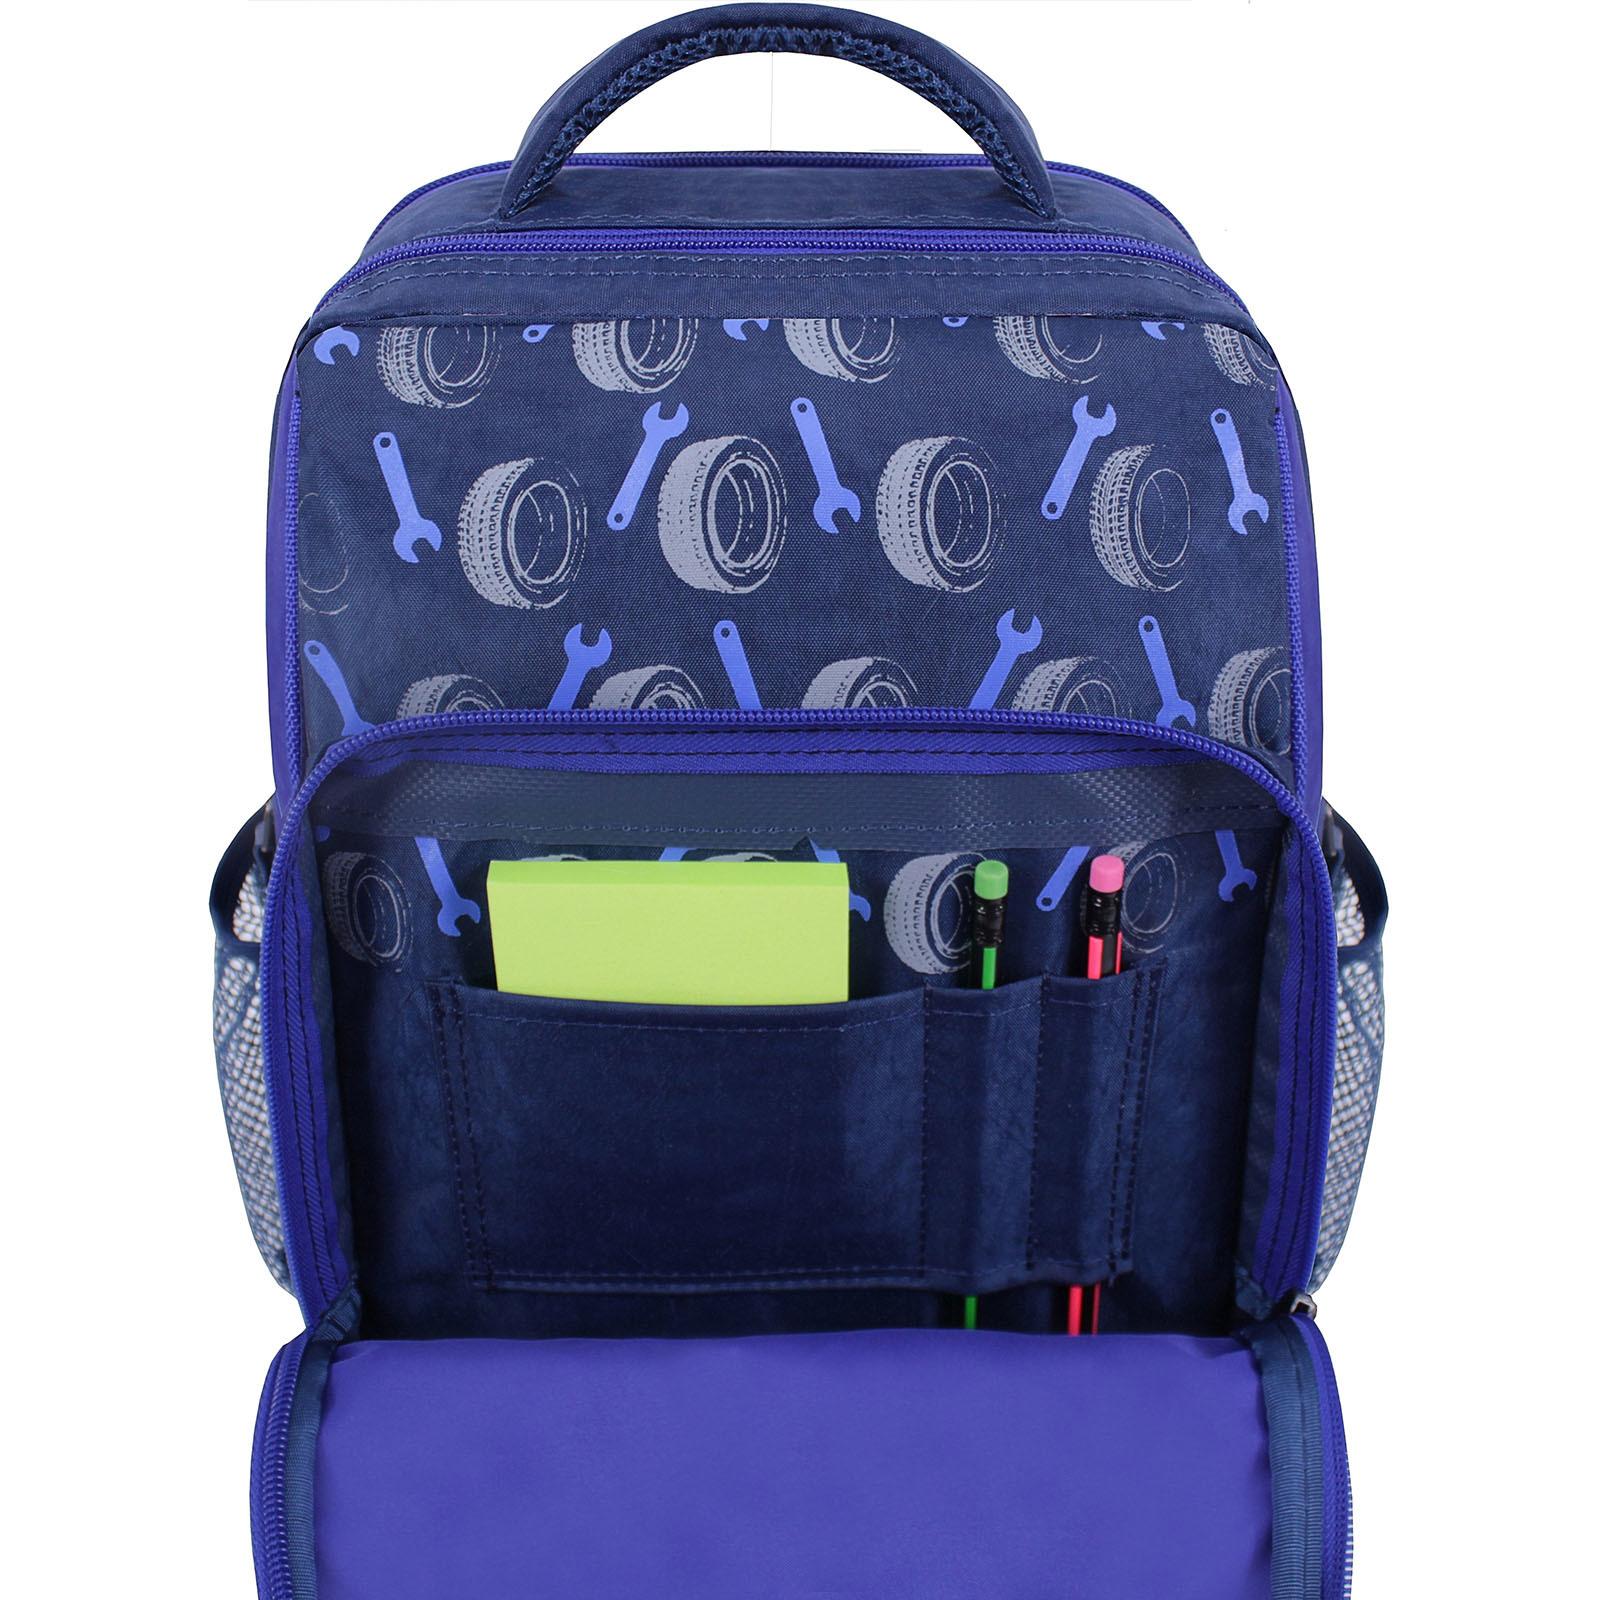 Рюкзак школьный Bagland Школьник 8 л. синий 555 (0012870) фото 4